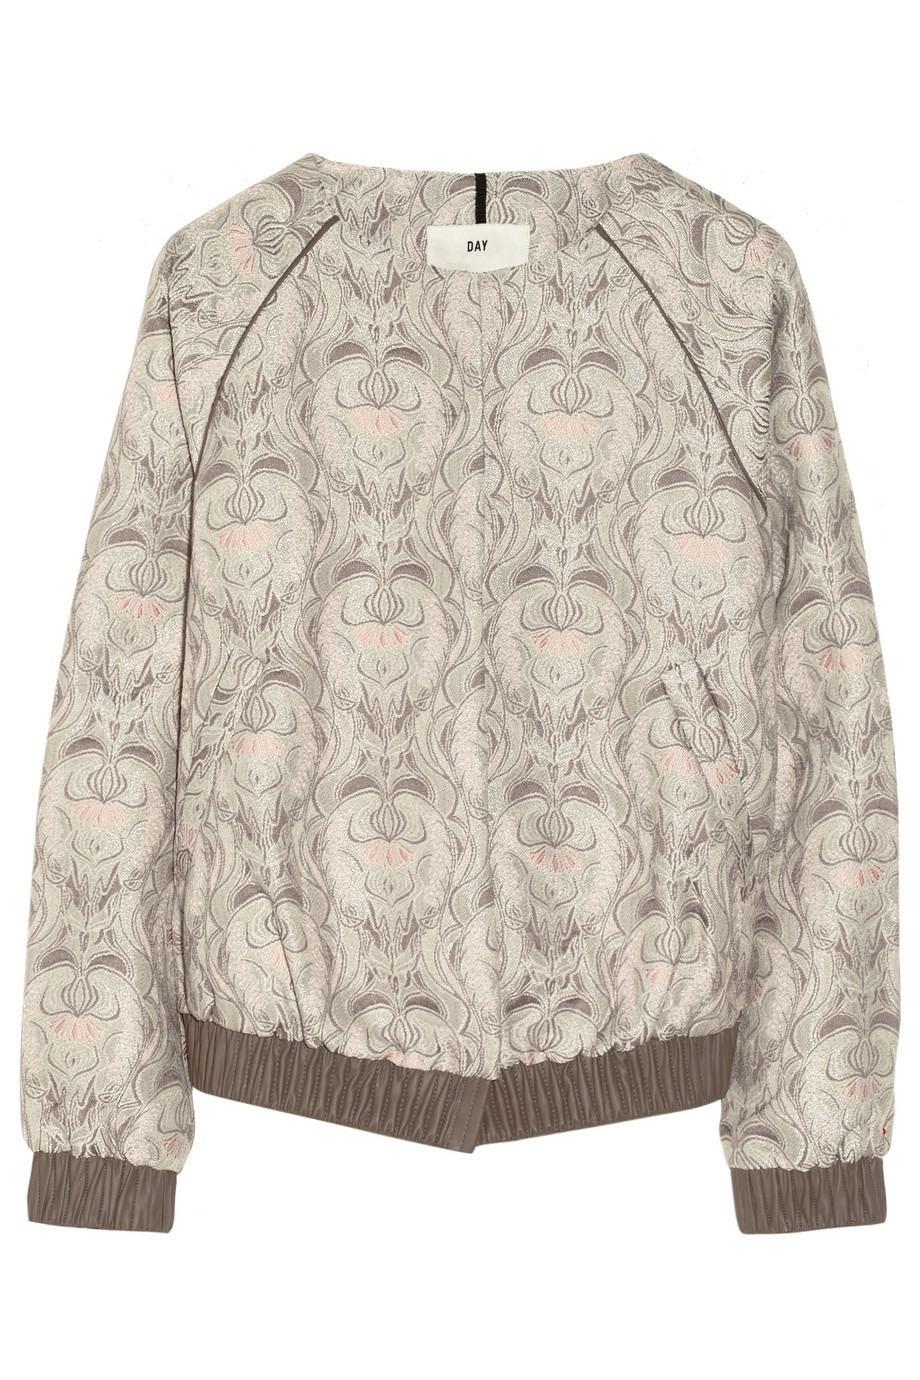 Jacket, $335.17, Day Birger Et Mikkelson, net-a-porter.com